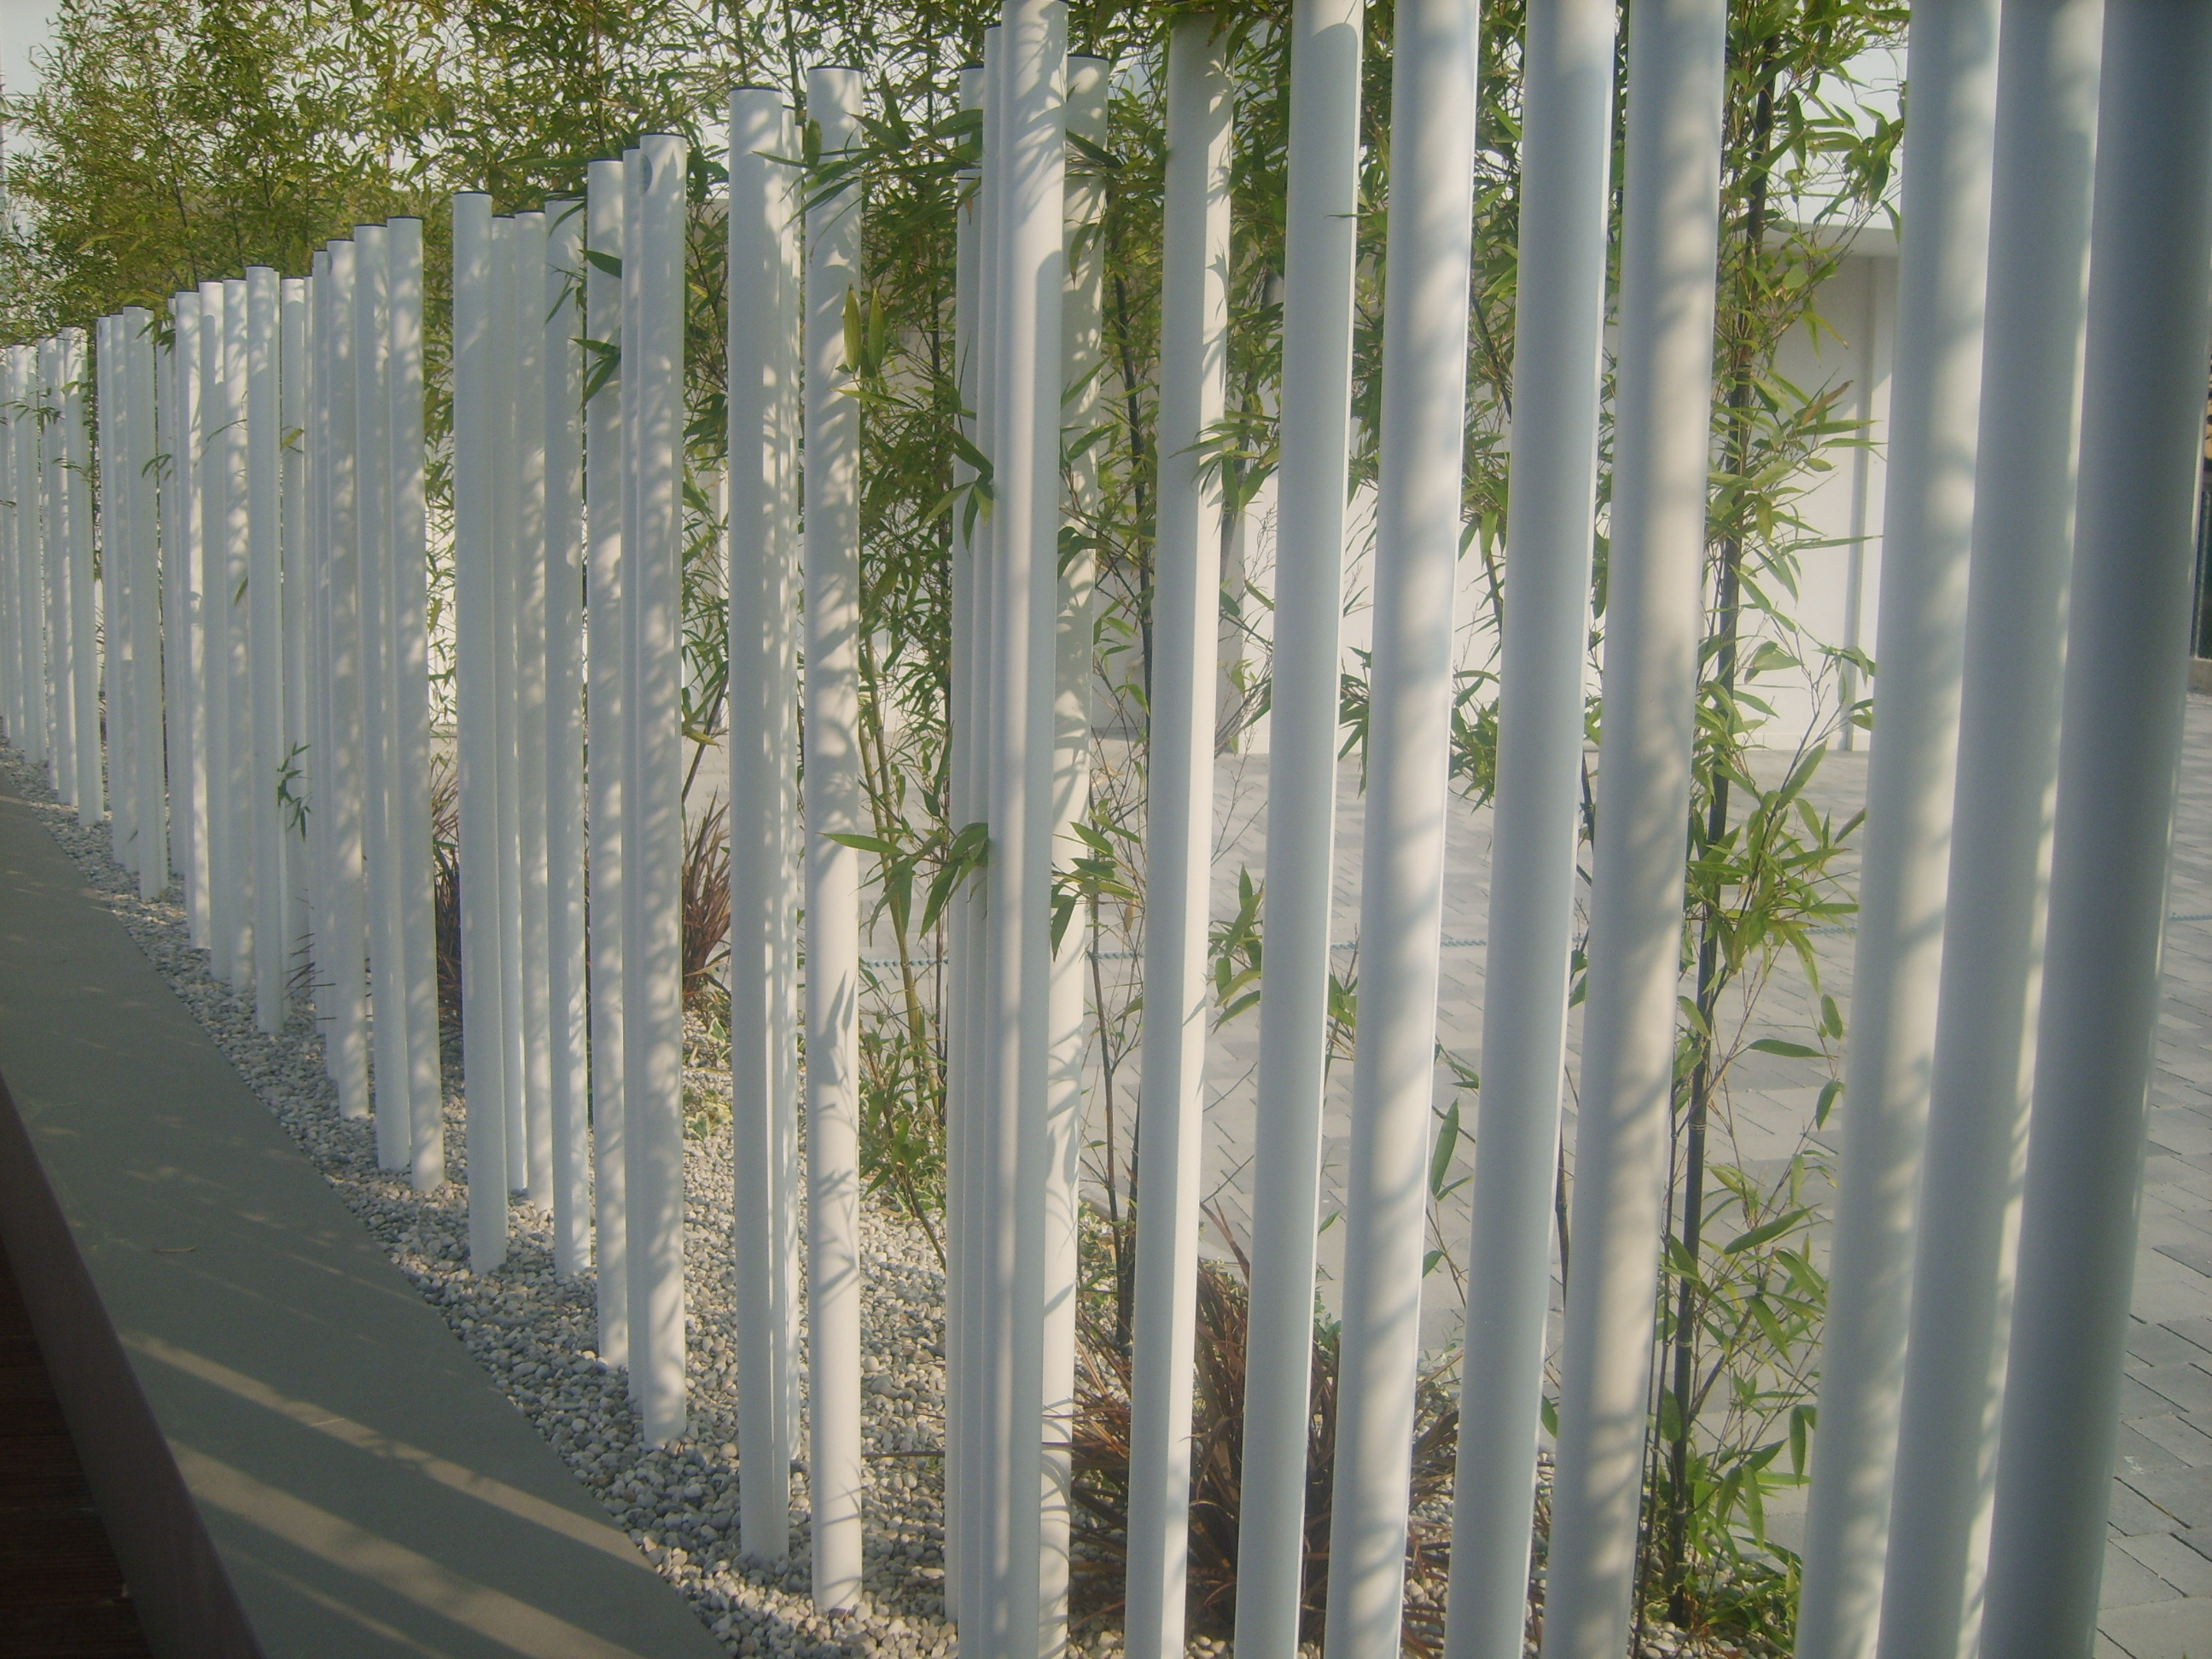 42 Recinzione Bamboo - Fiesso d'Artico (VE).JPG